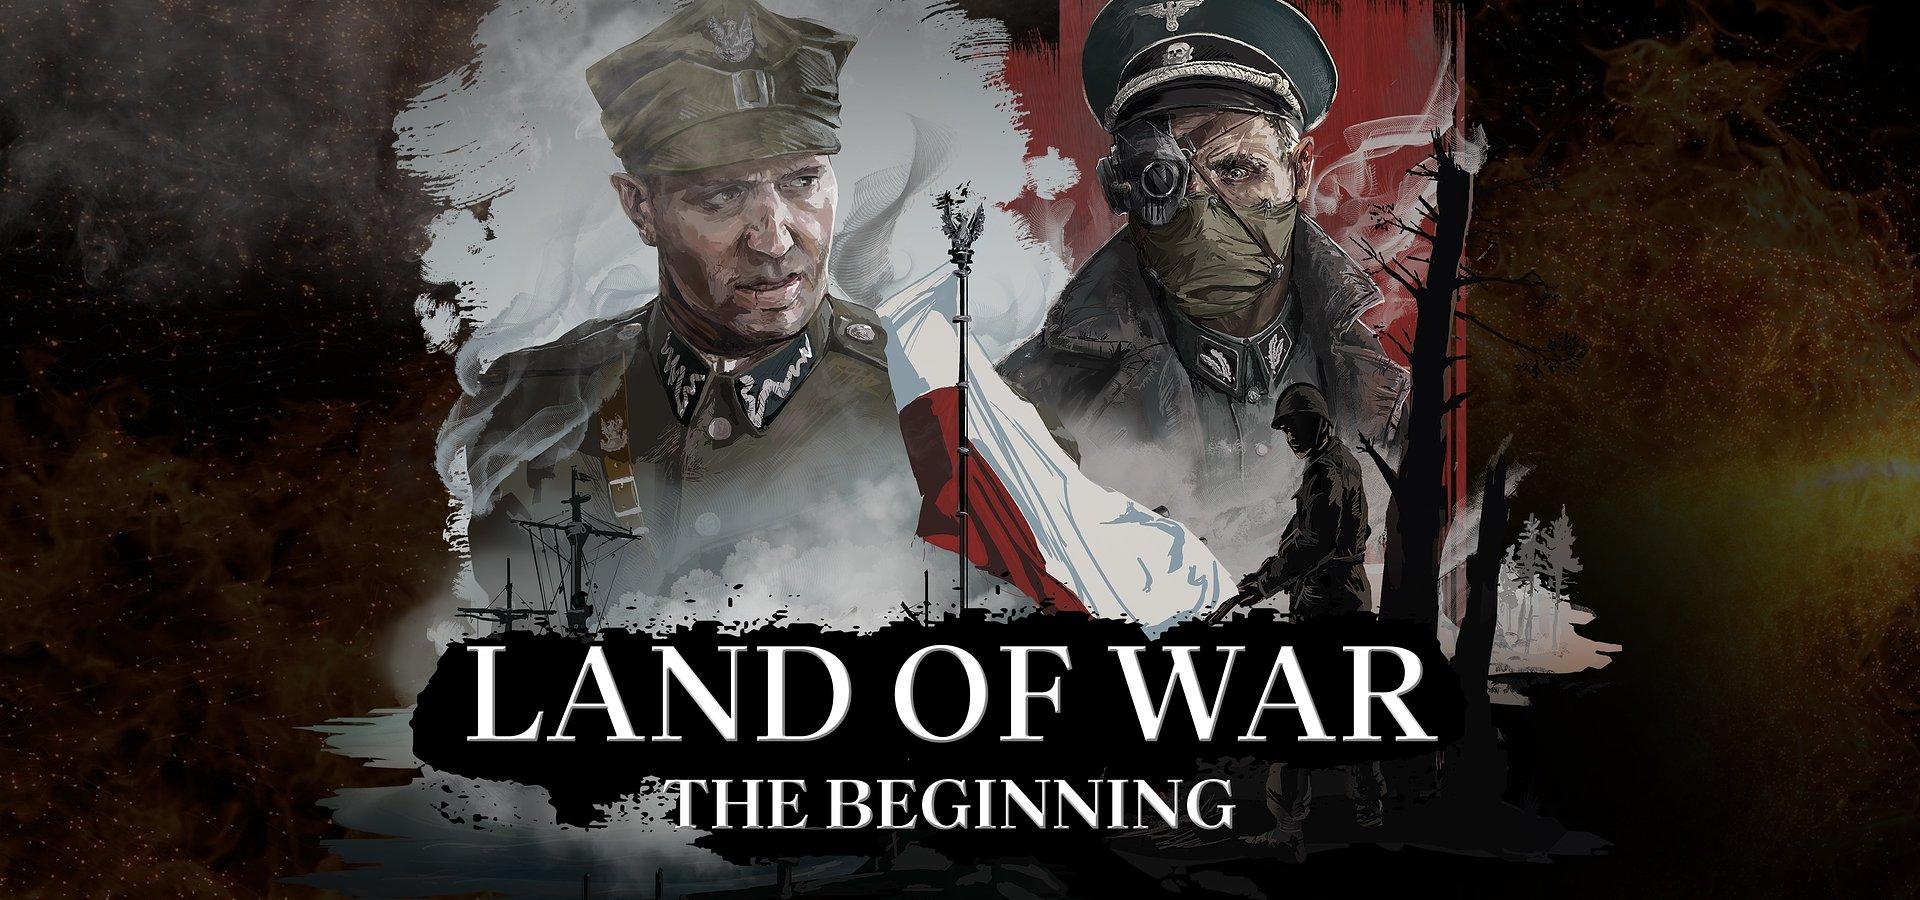 WARA! - Wrzesień '39 w nowym teledysku promującym grę Land of War